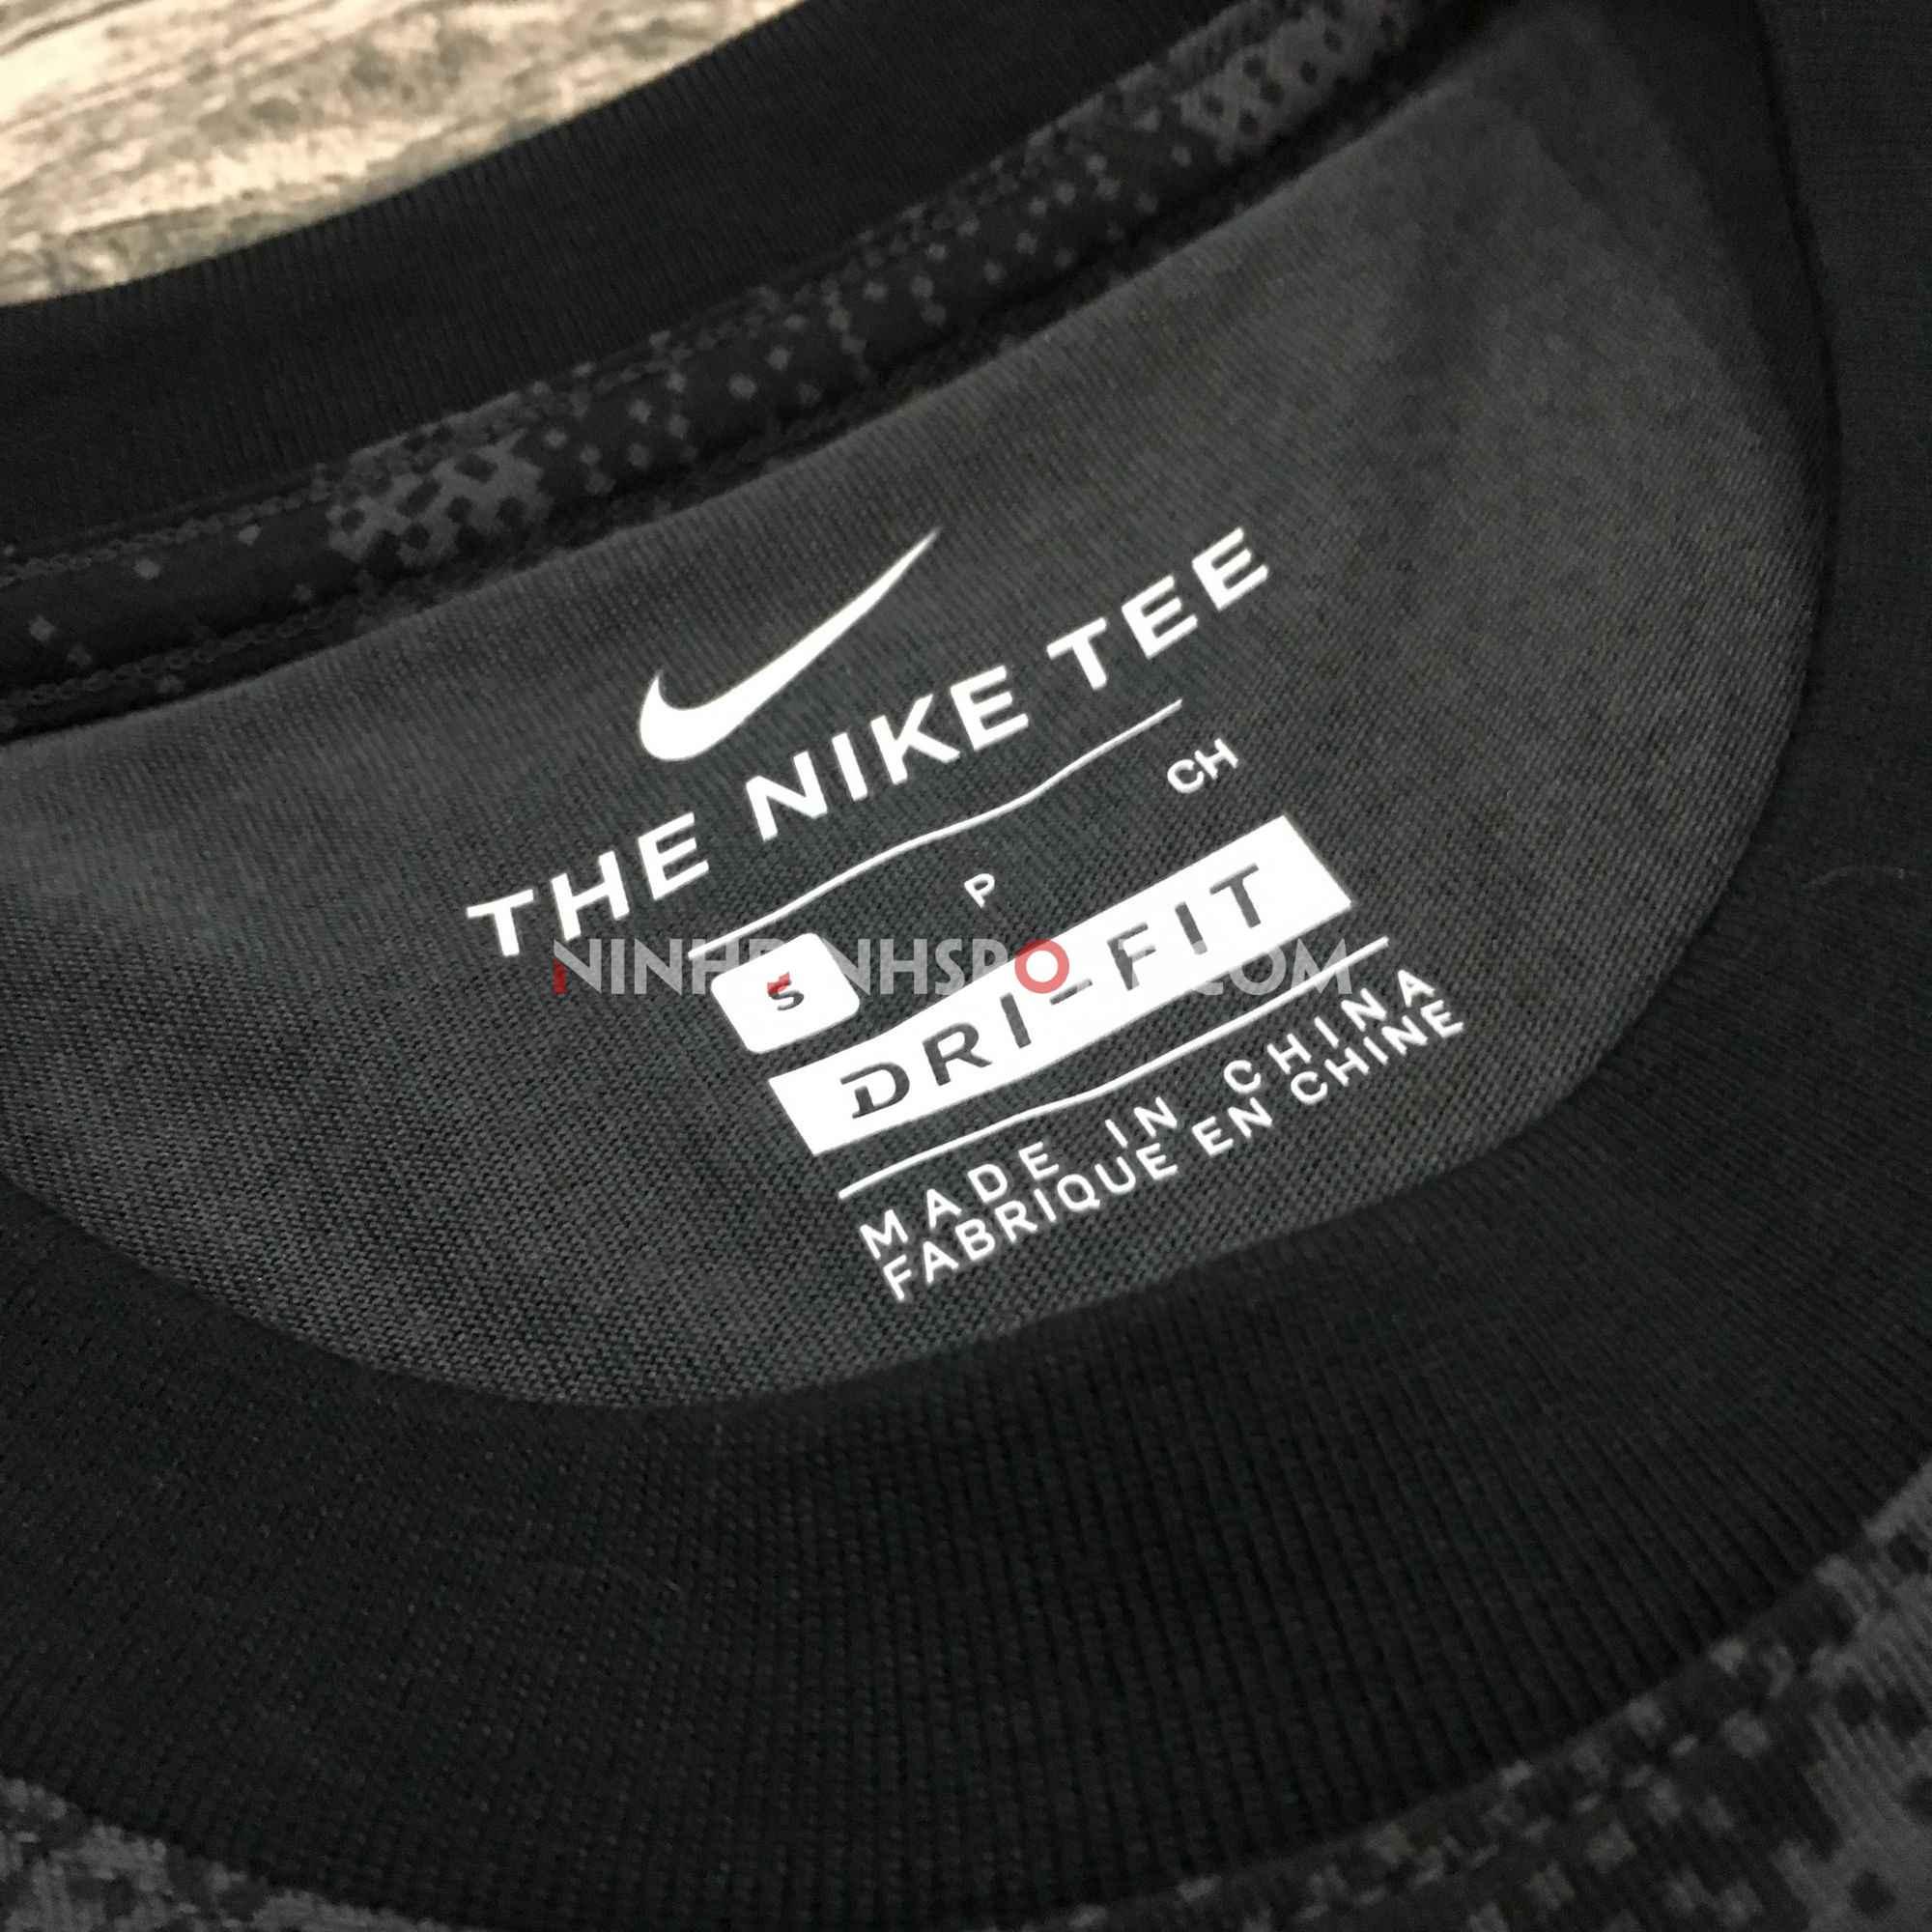 Áo thể thao nam Nike Dri-FIT Kyrie AJ9686-010